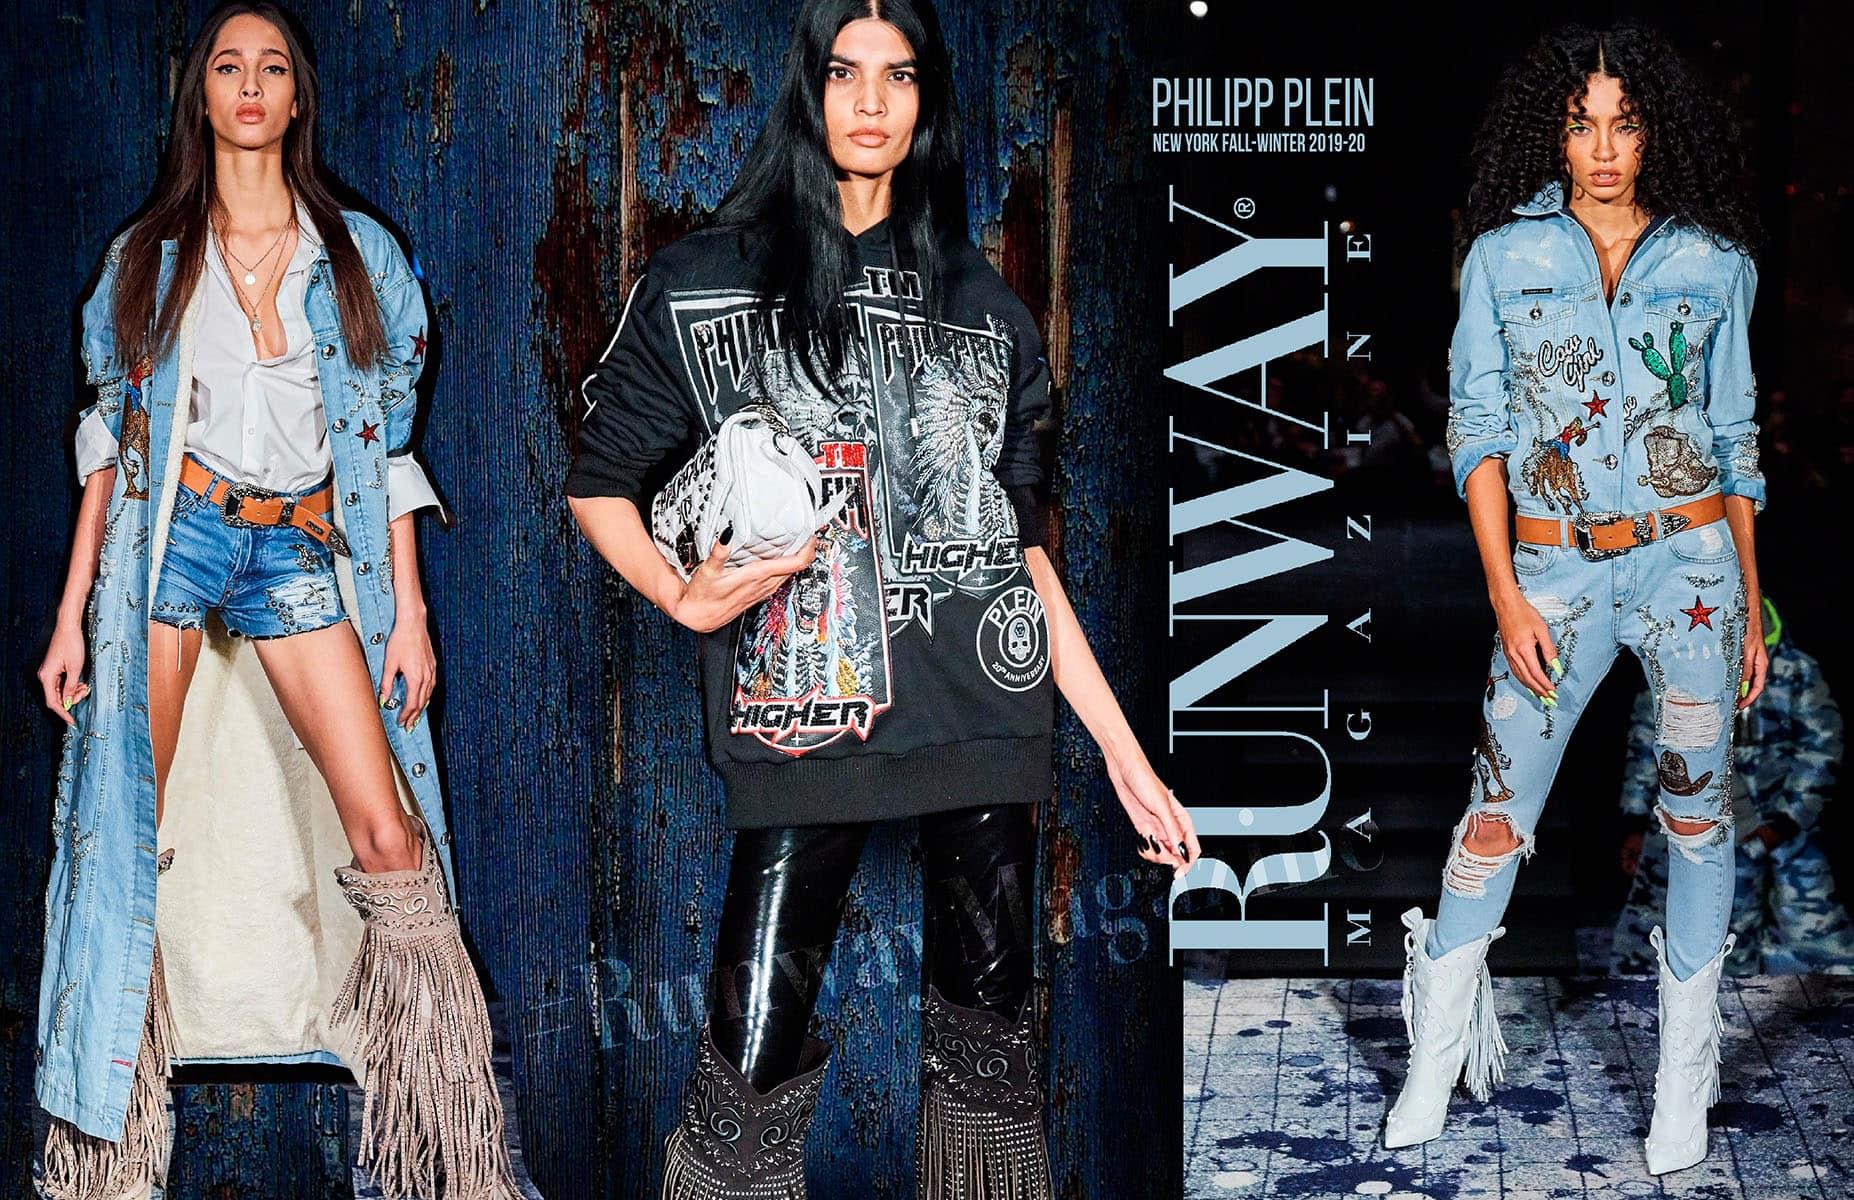 Philipp Plein Fall Winter 2019-2020 New York by RUNWAY MAGAZINE